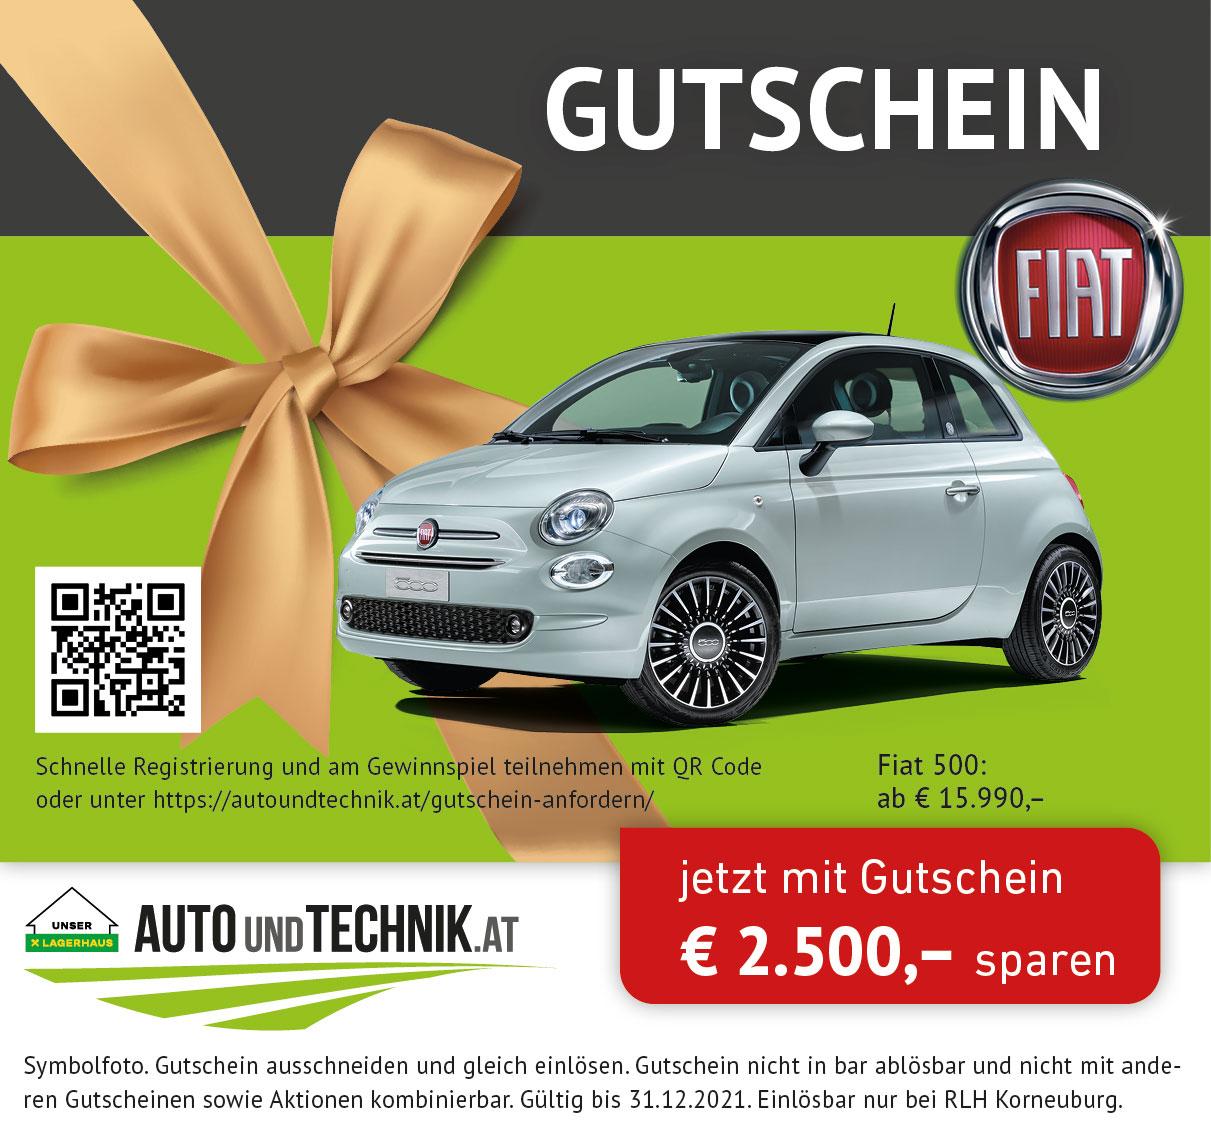 Gutschein-Fiat-500-image-01